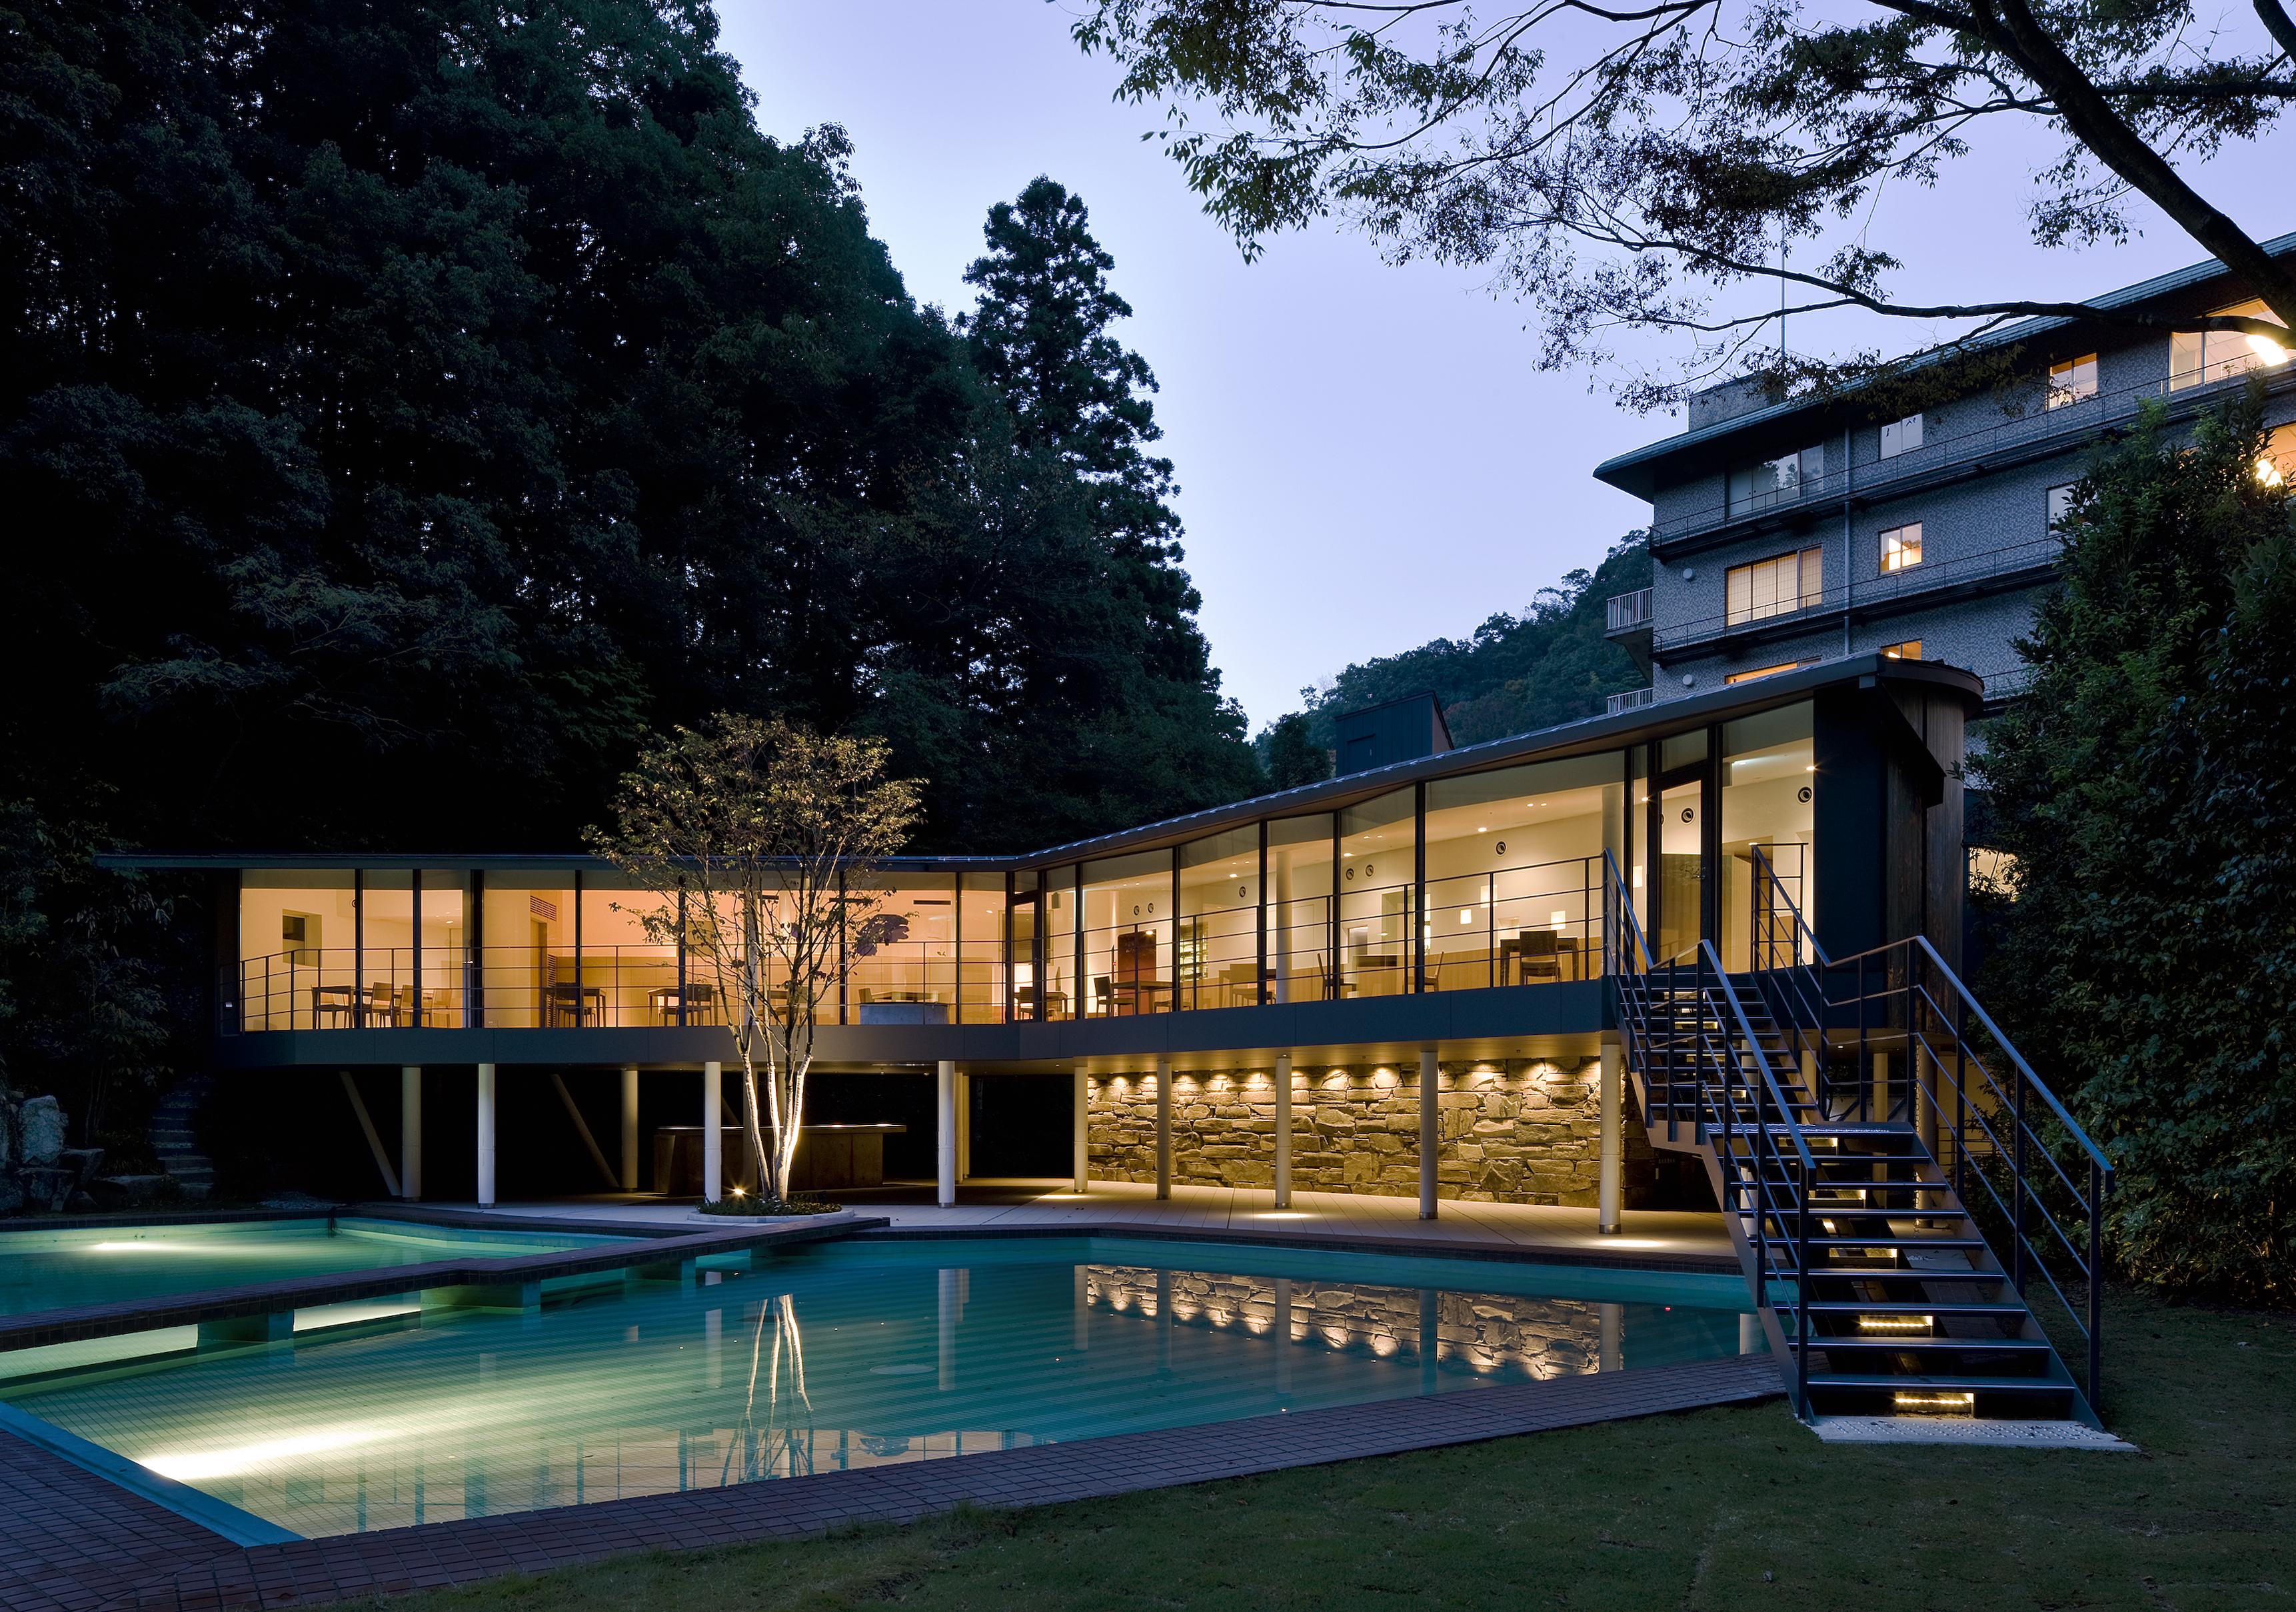 夜はプールや庭園がライトアップされ更に幻想的に